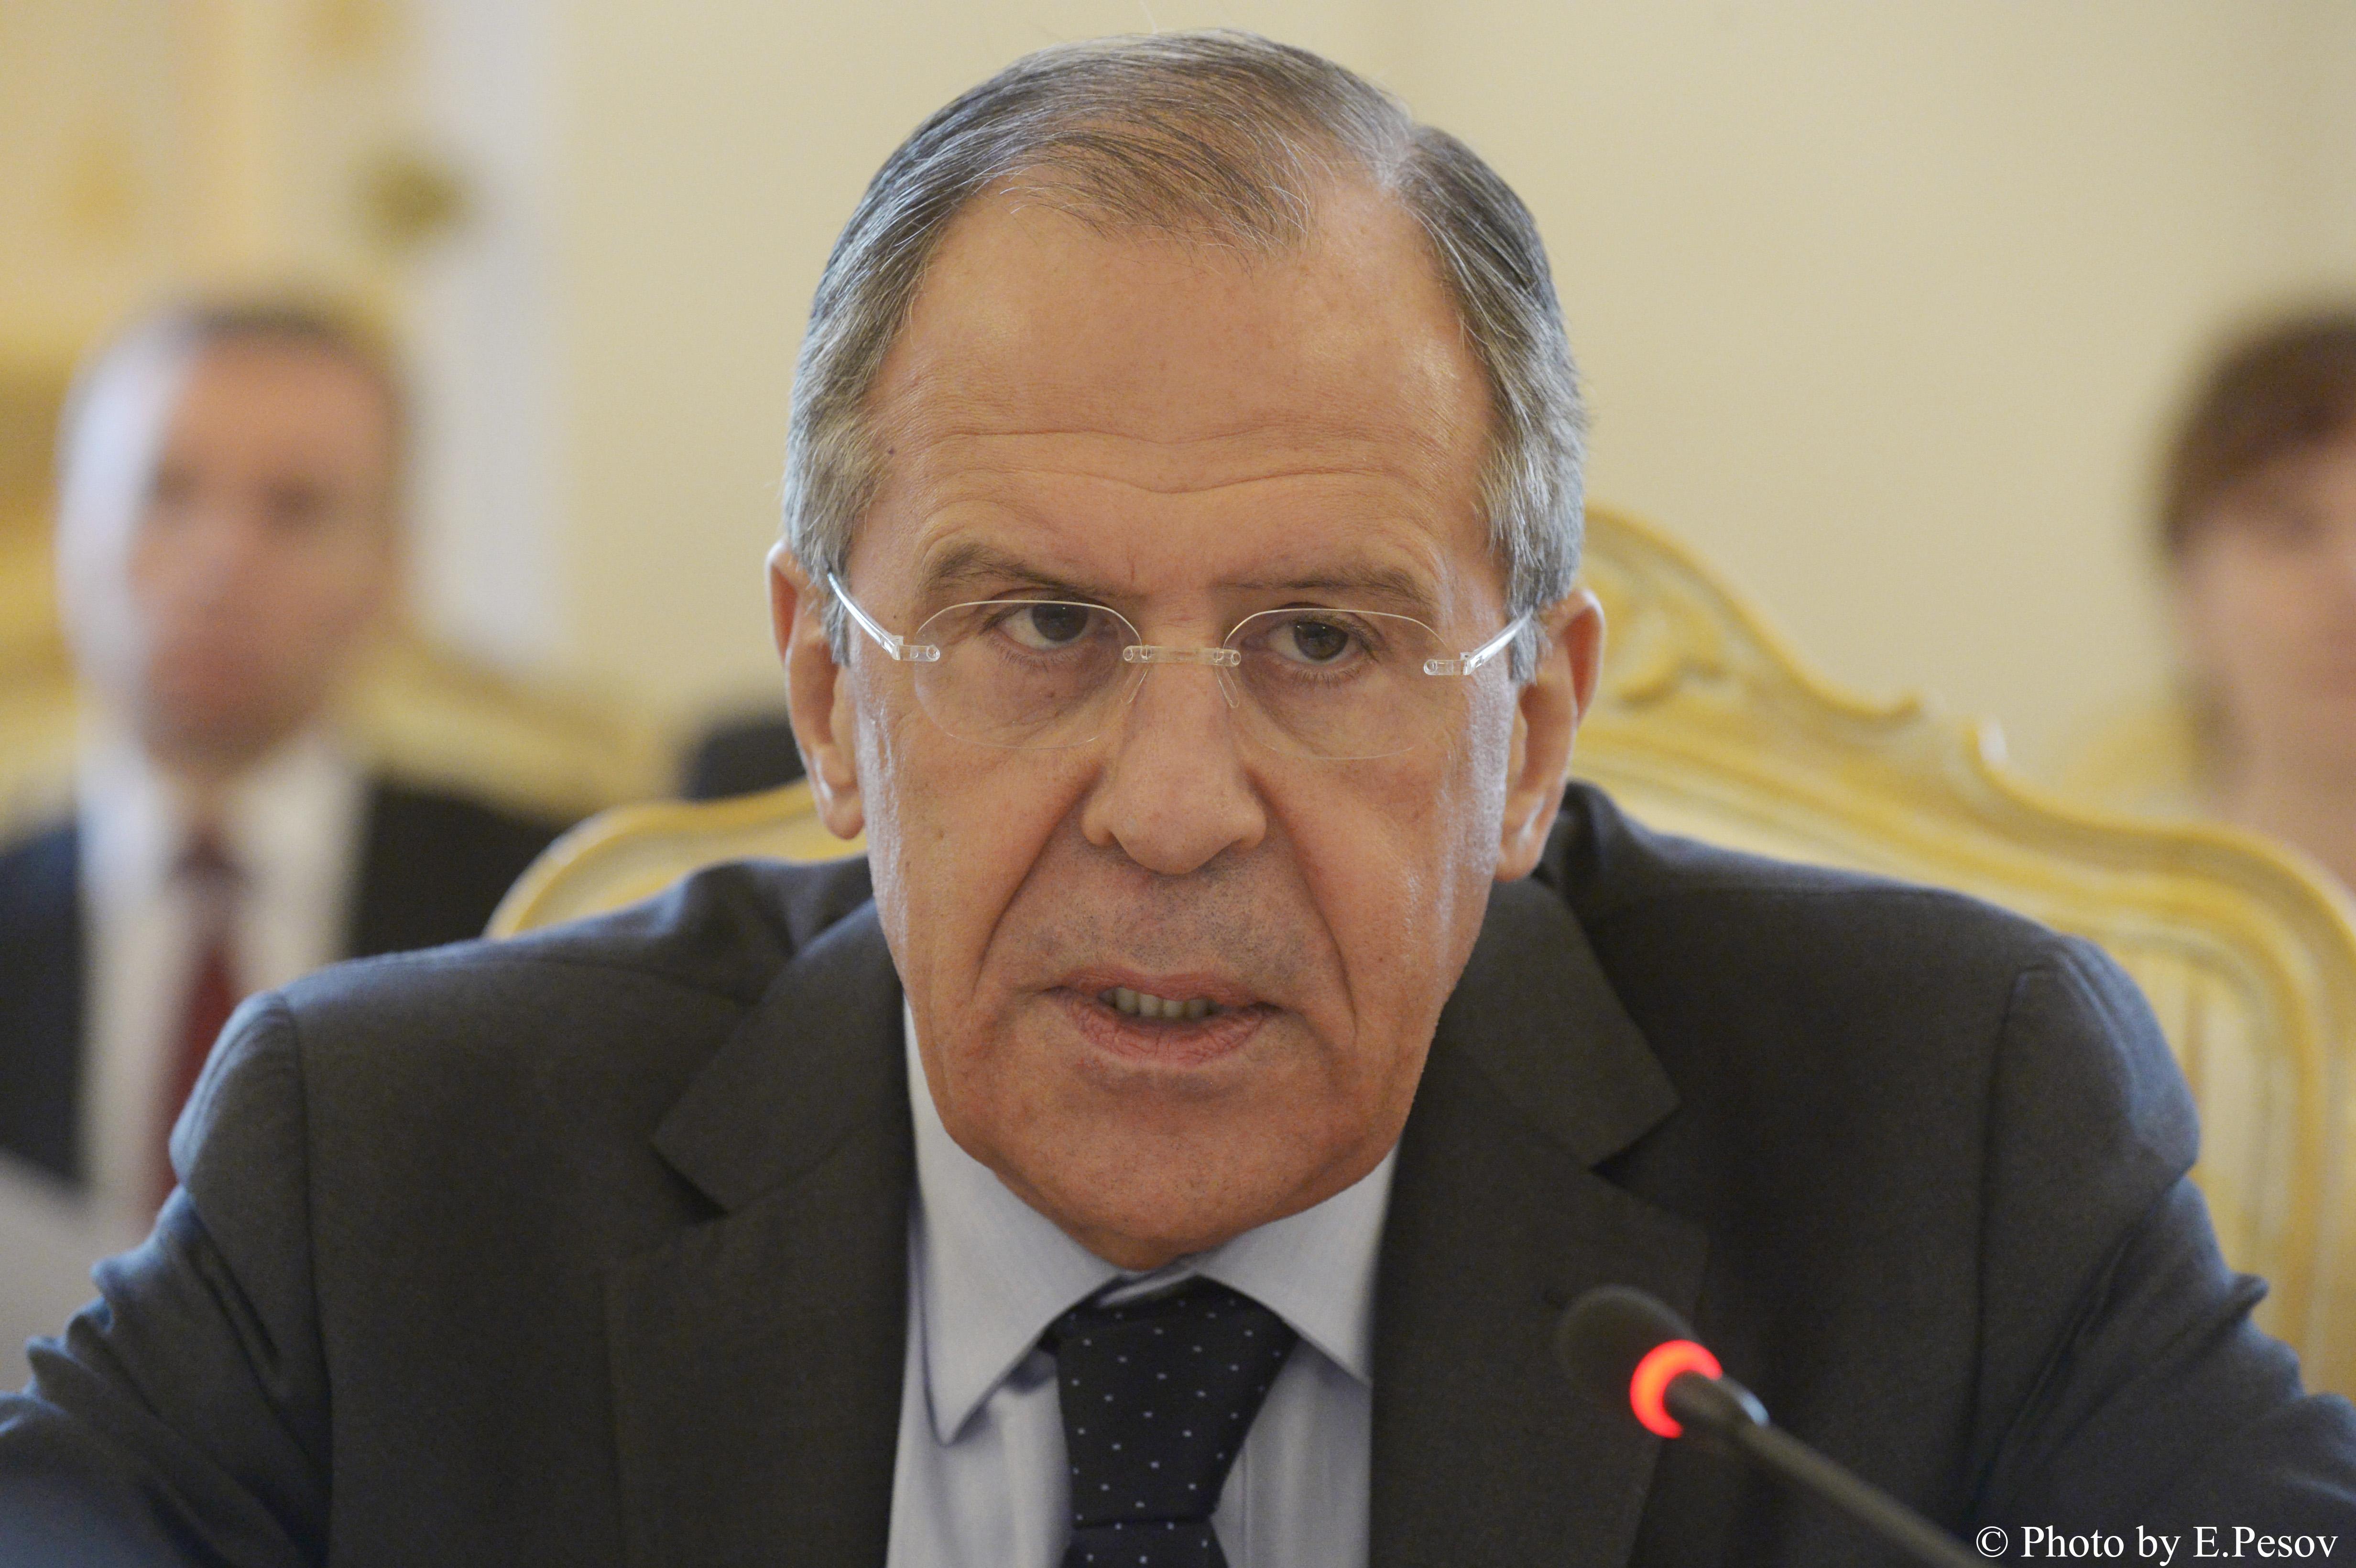 Не успев родиться, была похоронена: Лавров прокомментировал провал инициативы о саммите Россия  ЕС